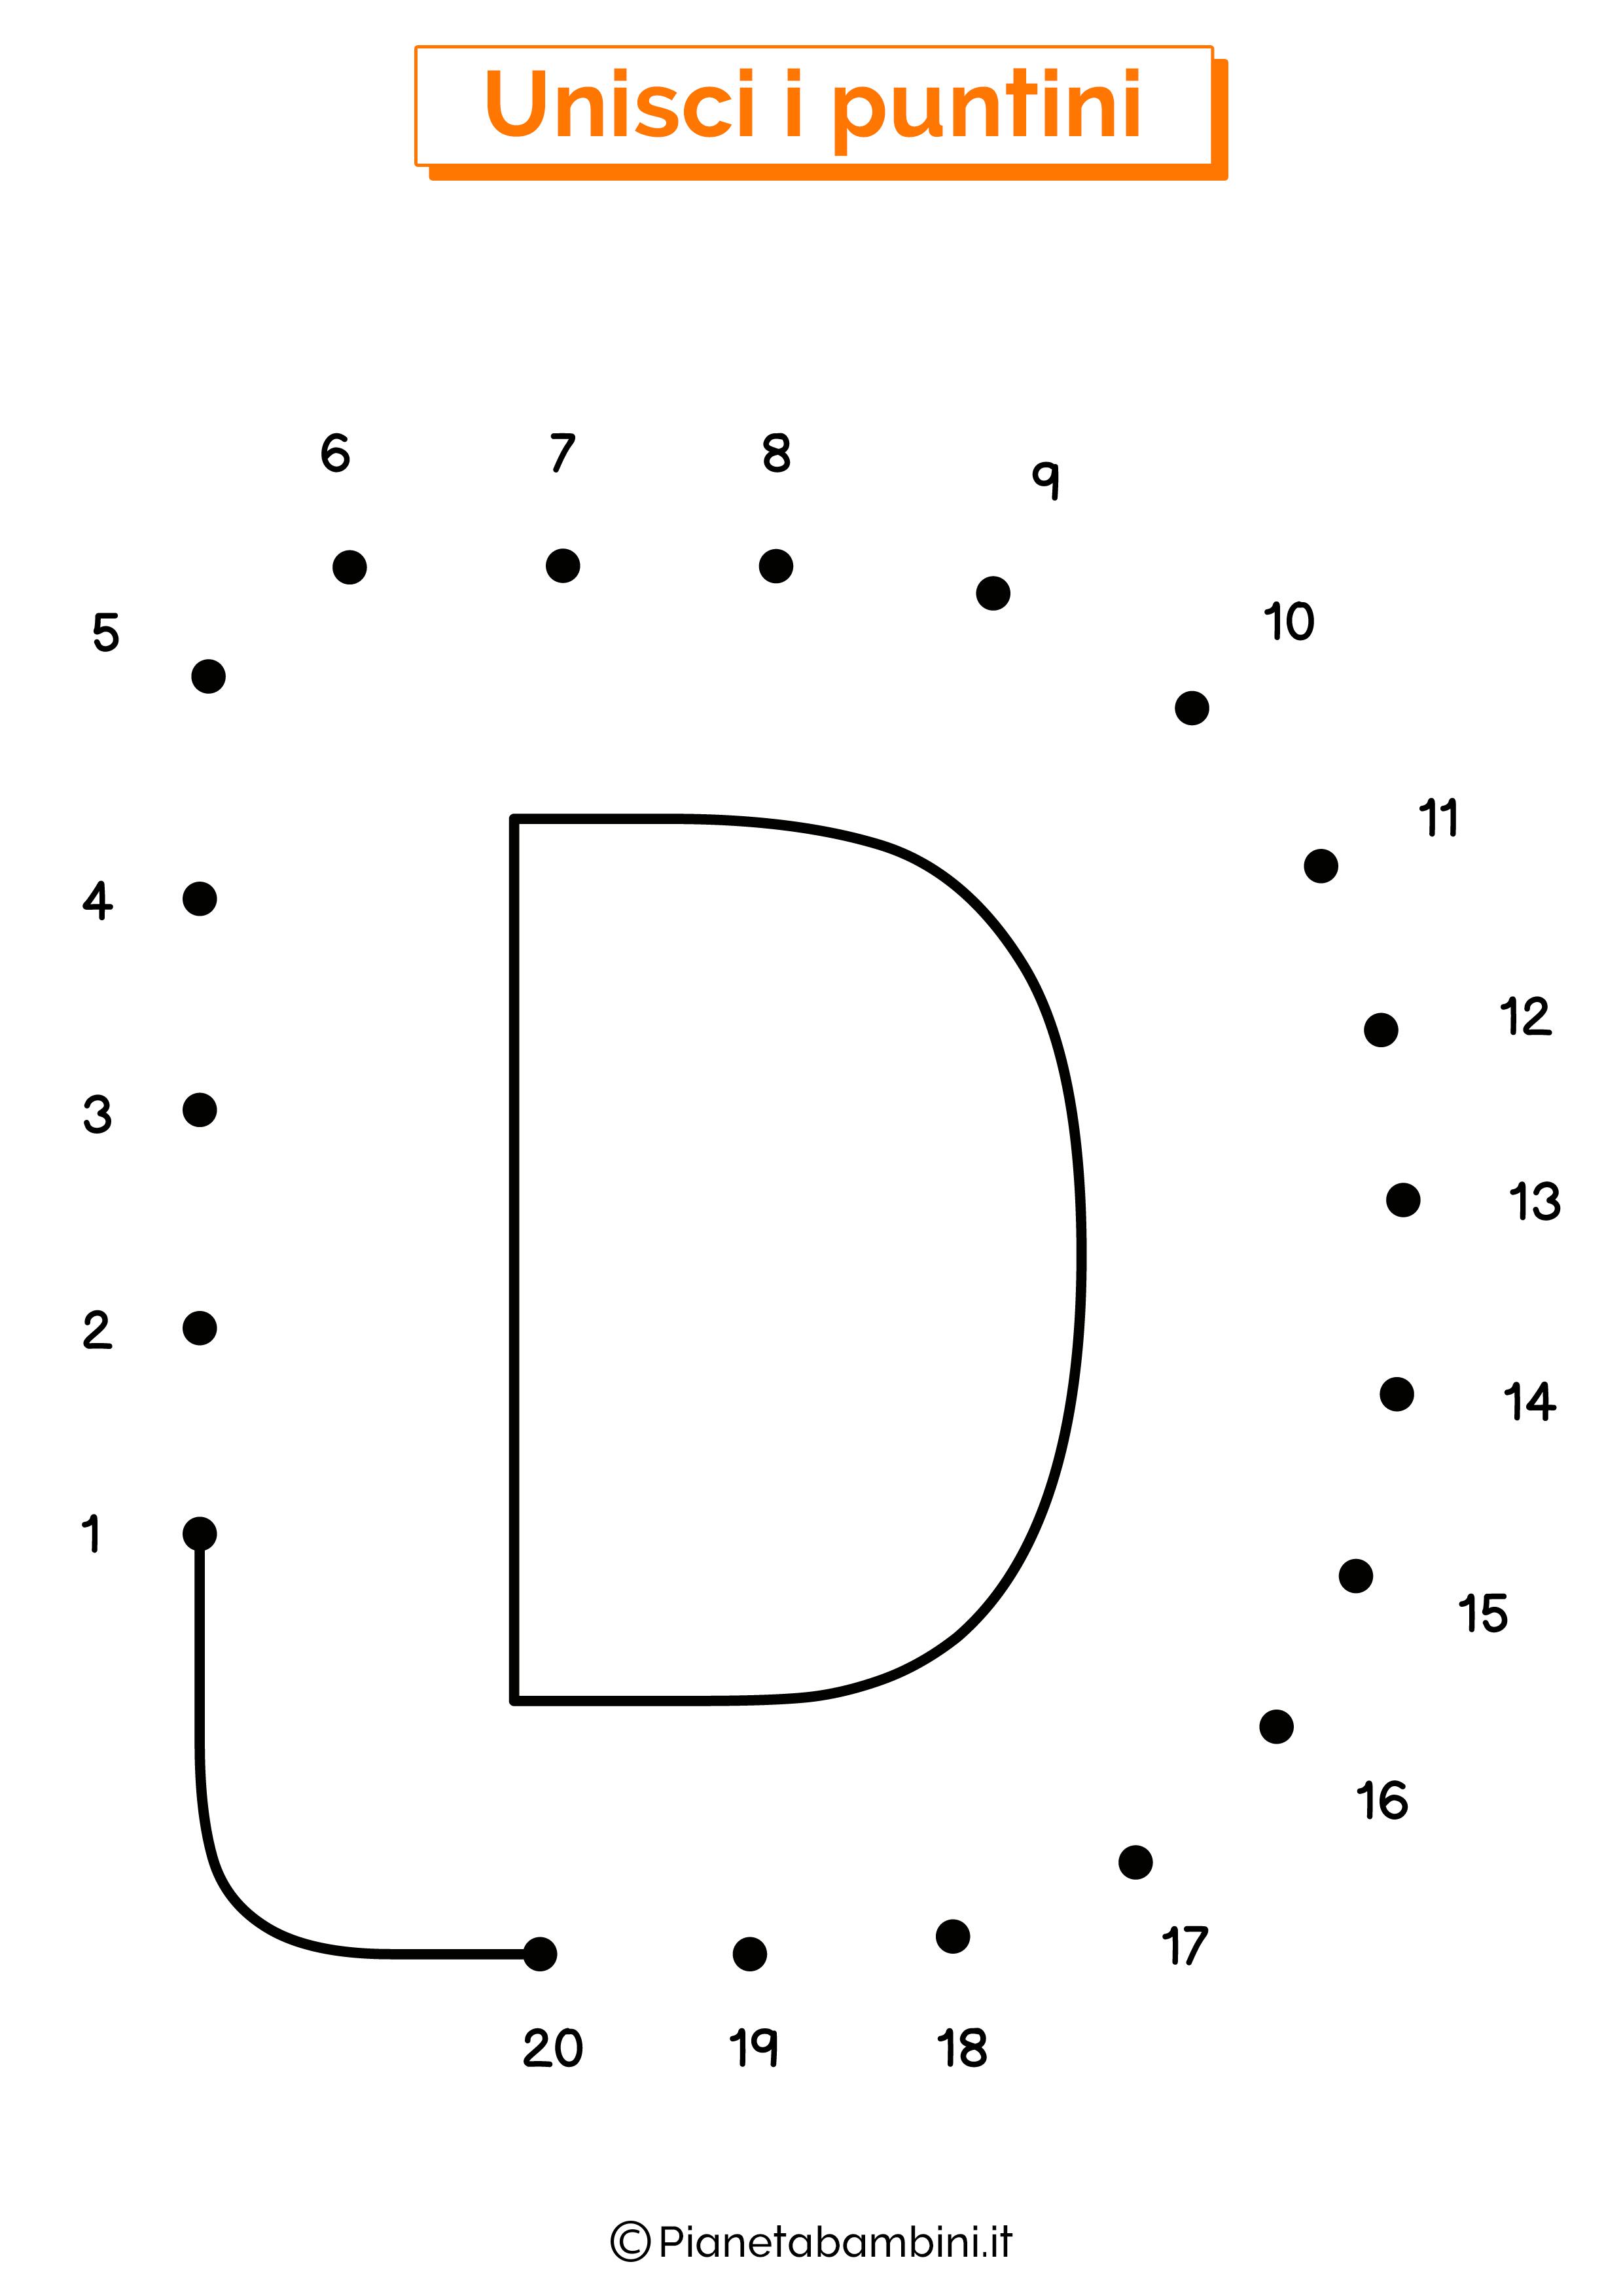 Unisci i puntini con la lettera D